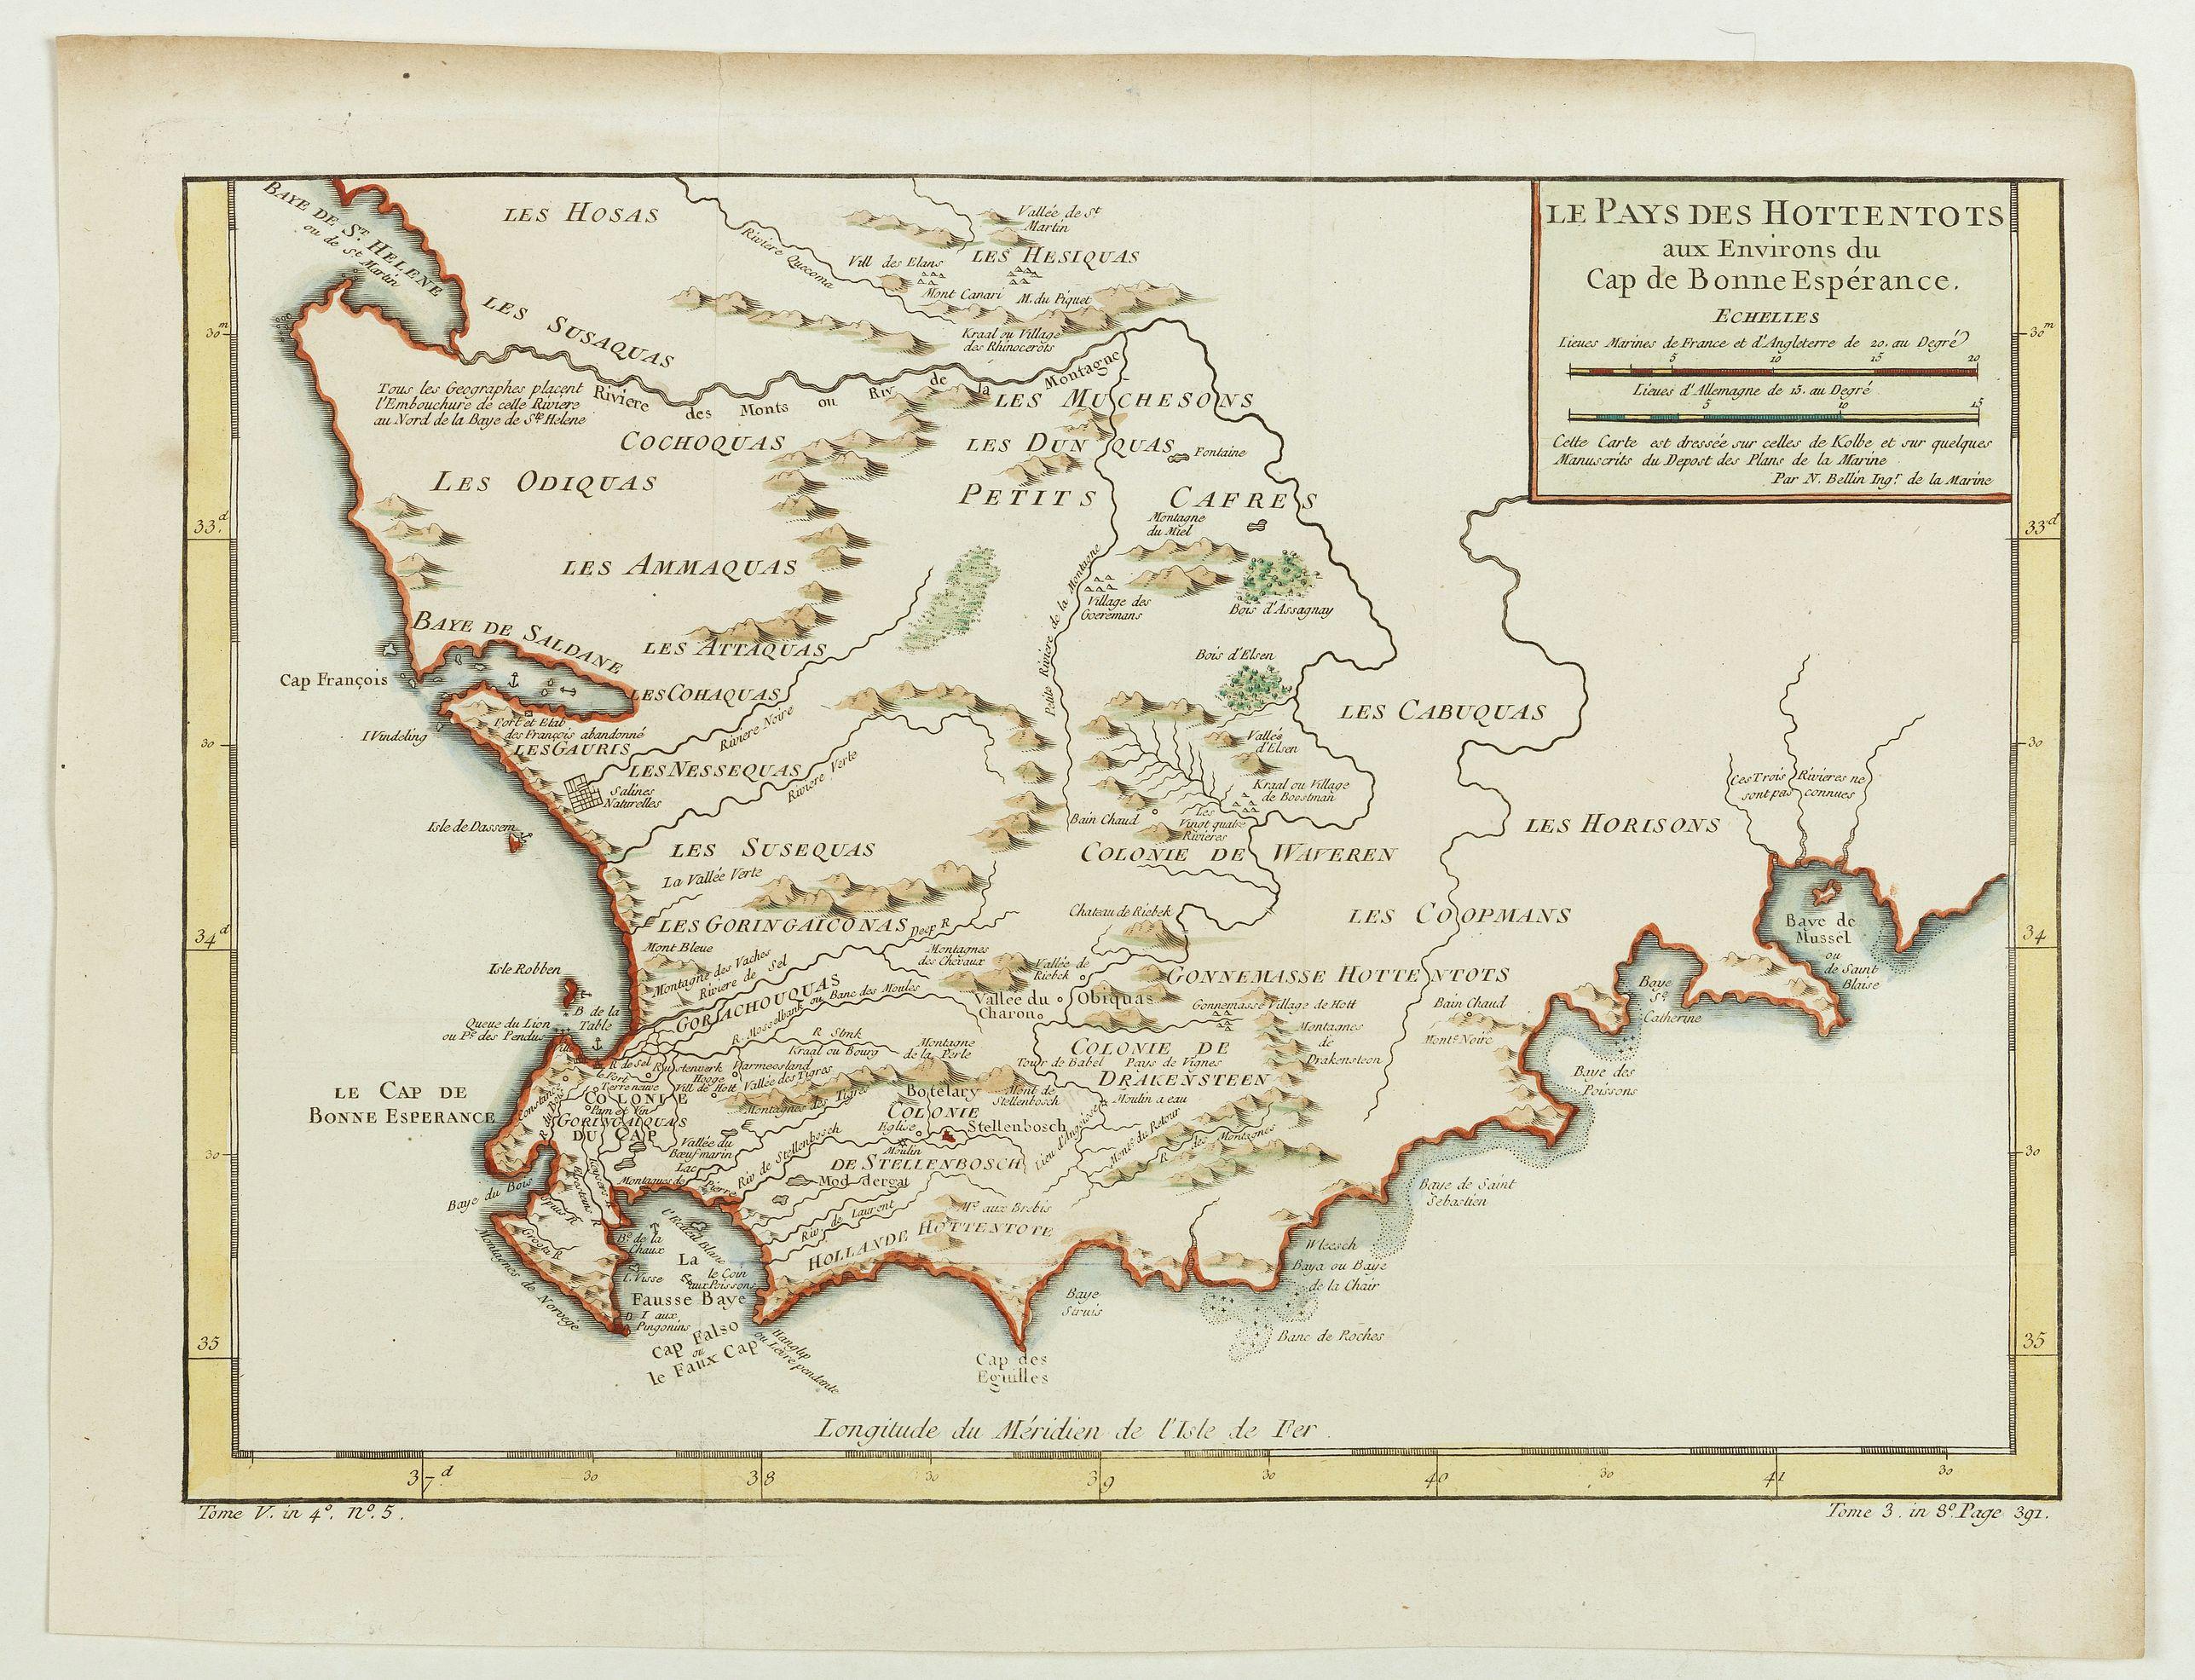 BELLIN, J.N. -  Le Pays des Hottentots aux environs du Cap de Bonne Espérance. . .